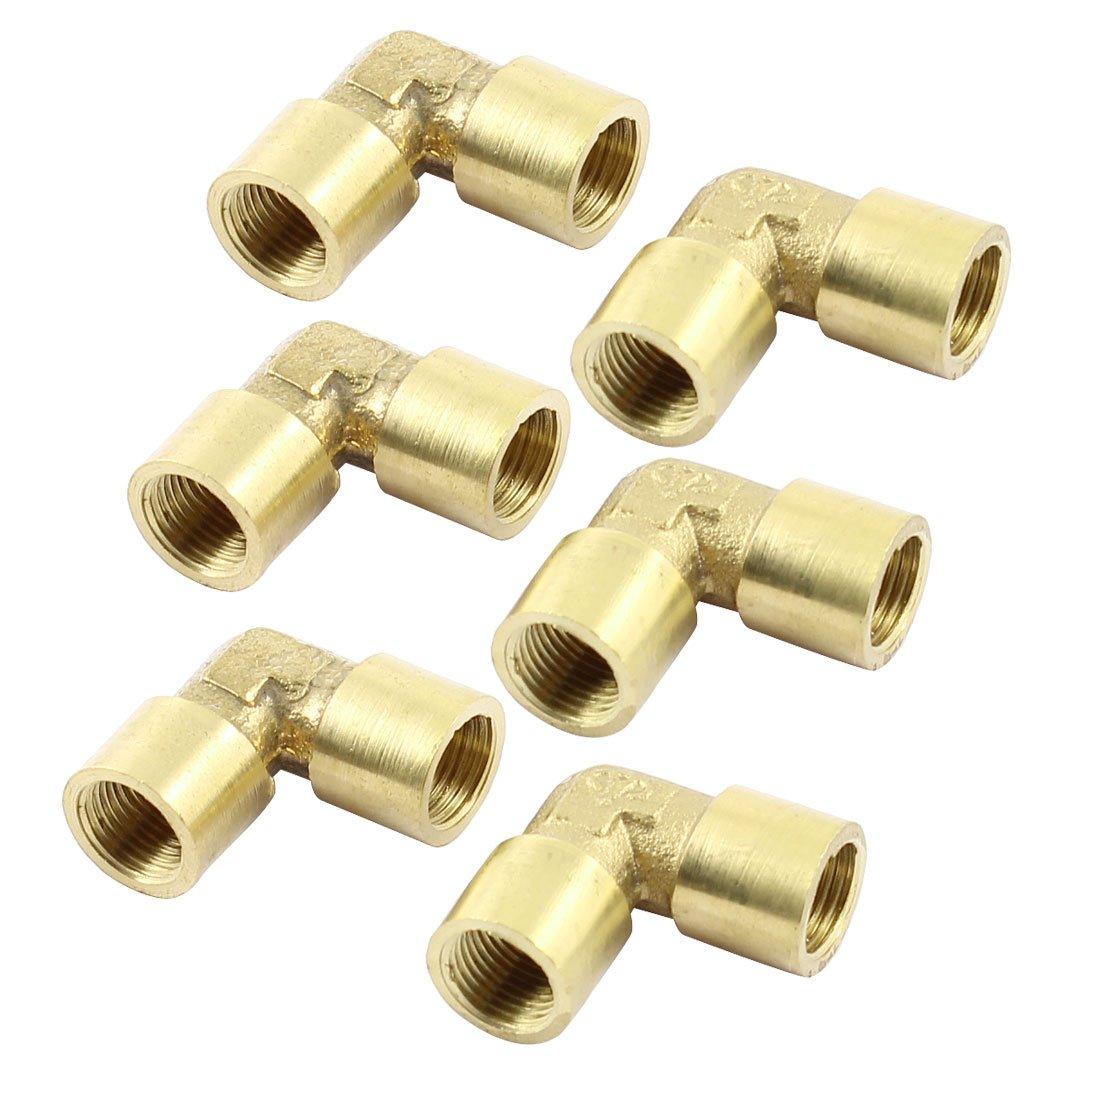 6 piezas en á ngulo recto codo 1/8 NPT conector hembra equivalente para tuberí as de suspensió n Sourcingmap a14051900ux0940